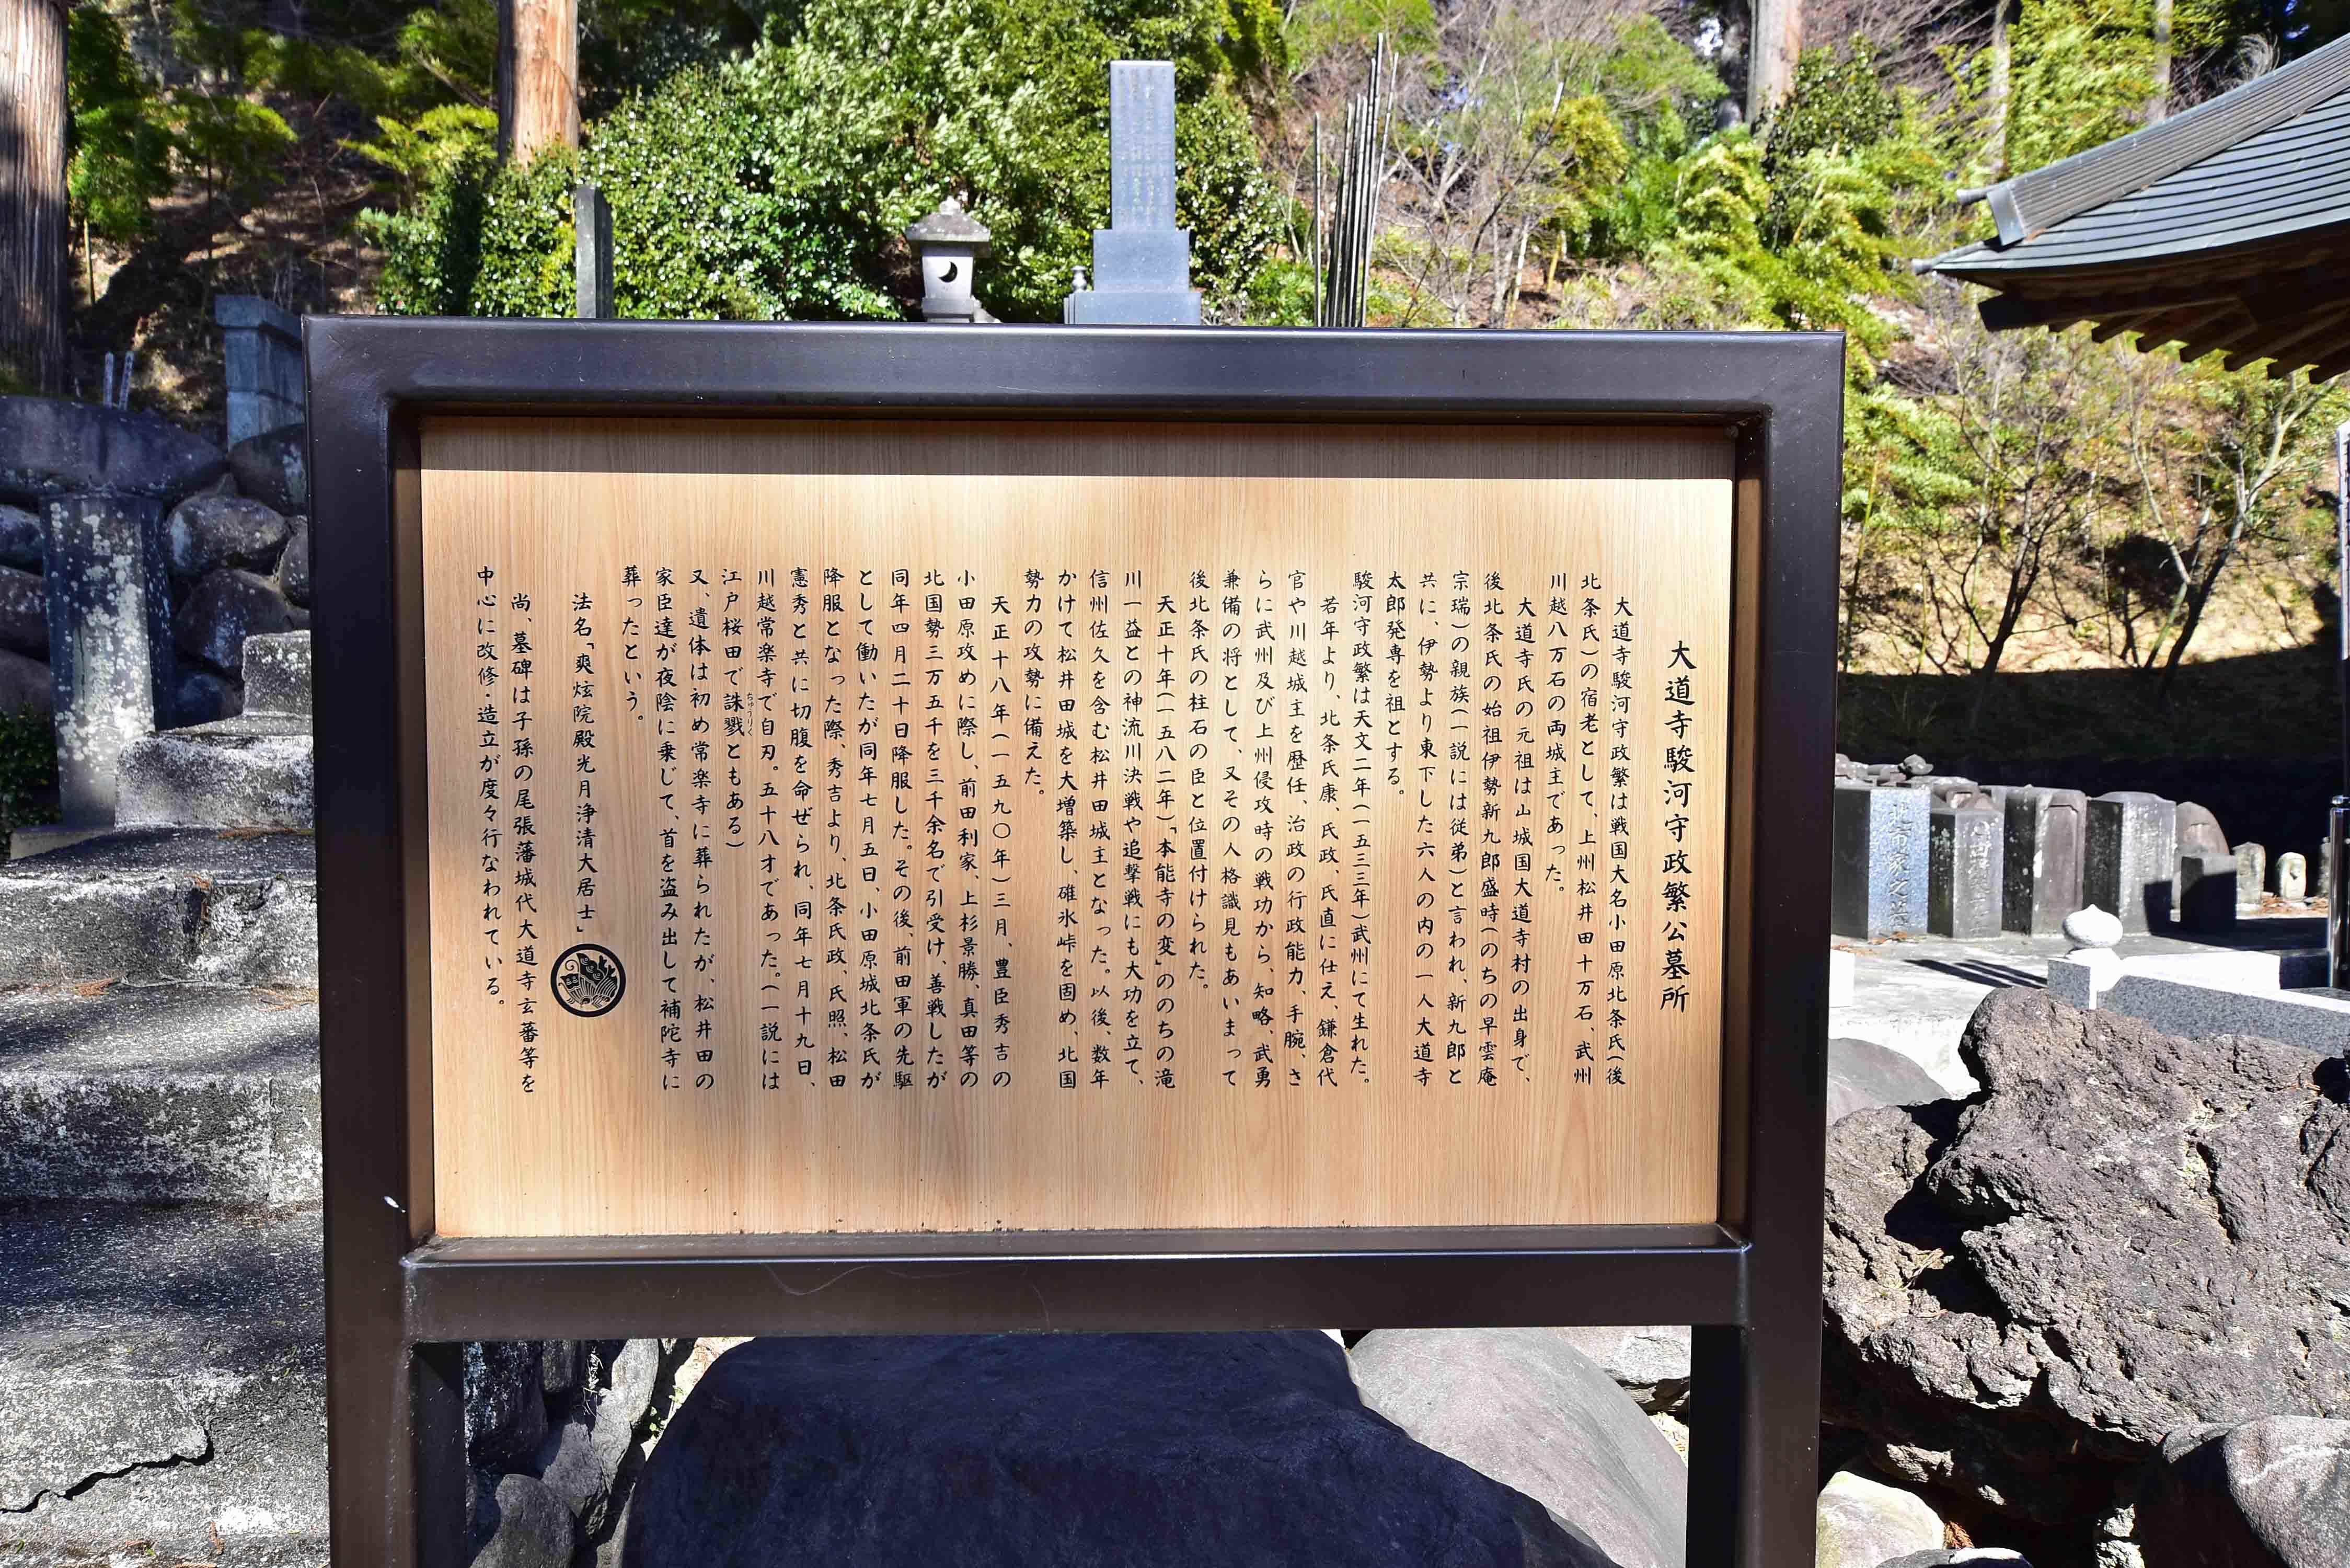 大道寺政繁墓所説明板